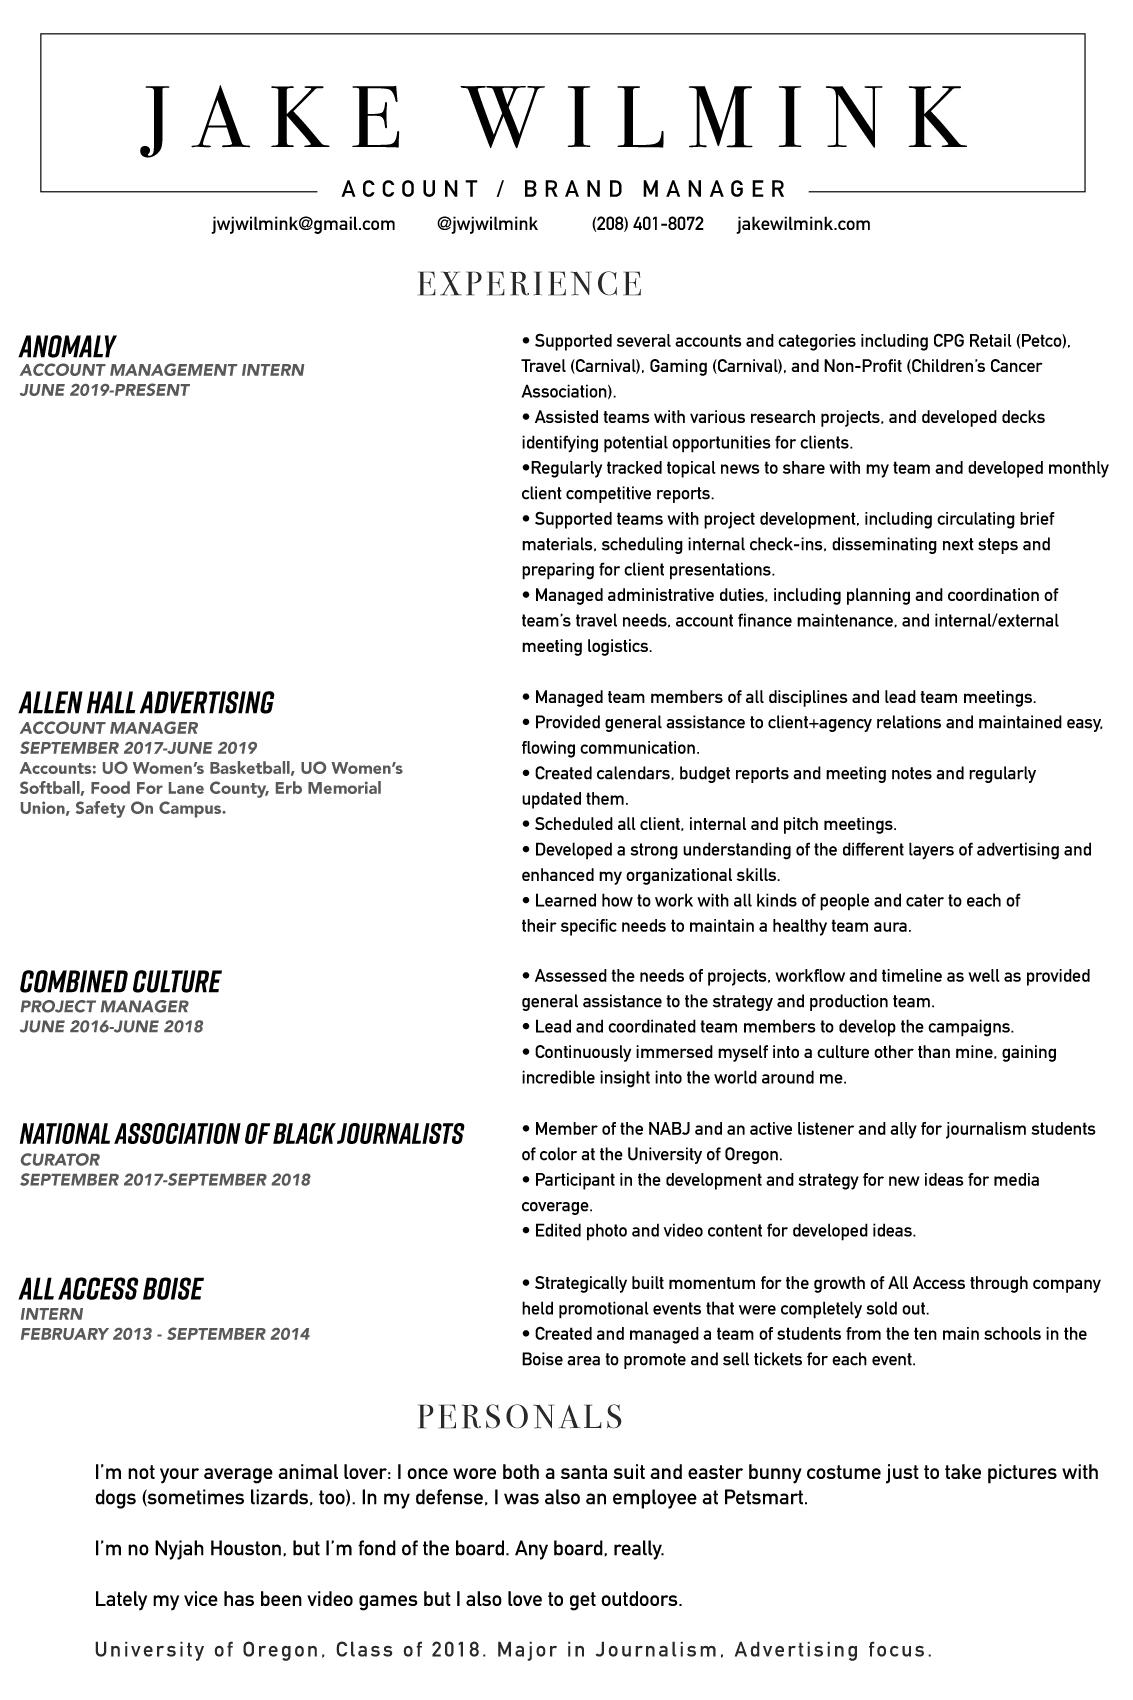 JakeWilmink_Resume.jpg